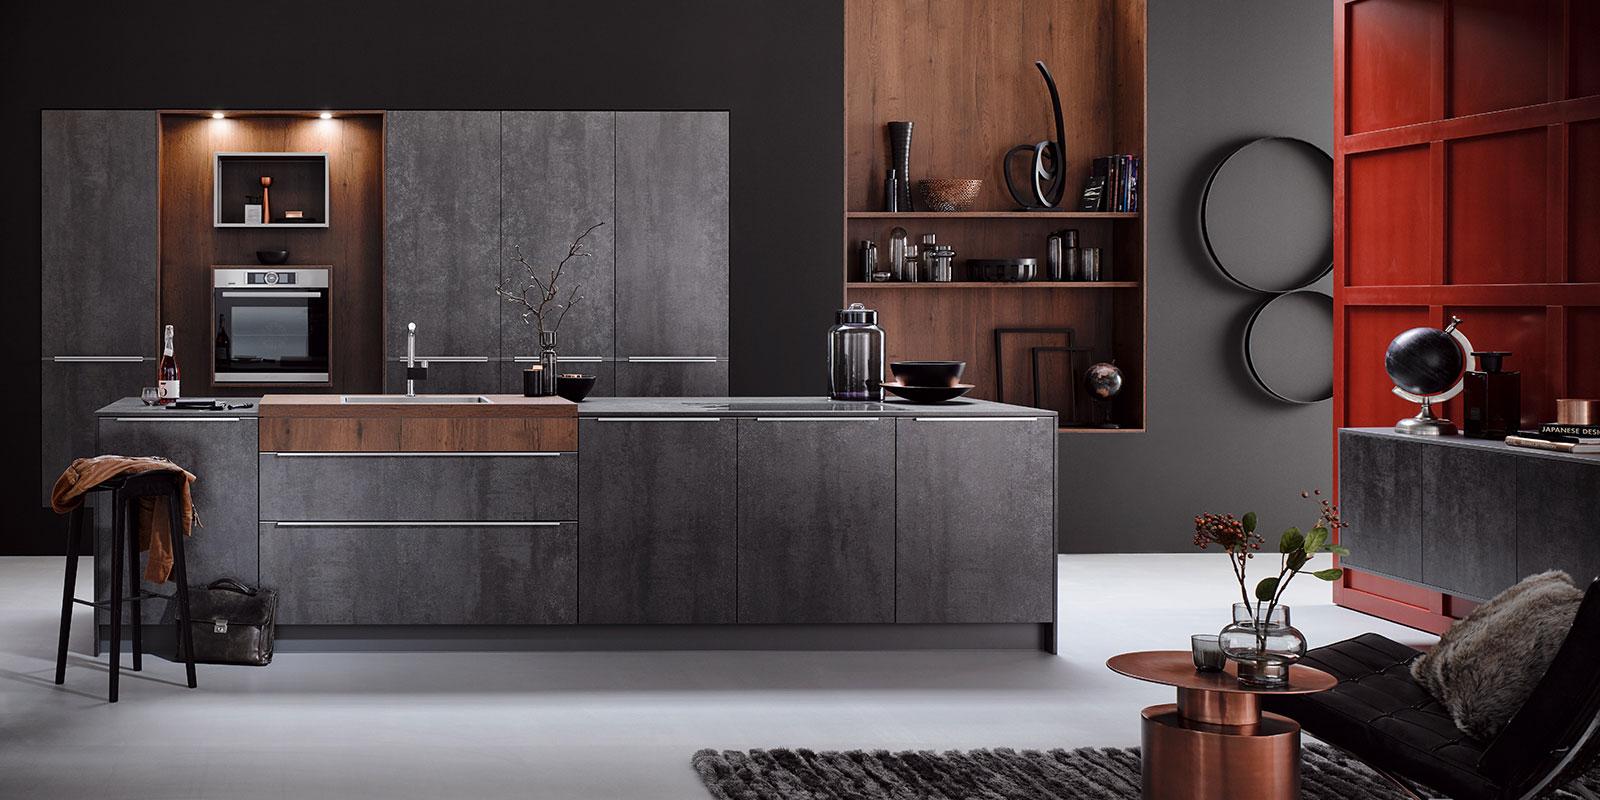 Gerade beim beliebten Industrial Style darf der Einsatz von Beton auf keinen Fall fehlen. Diese Stilrichtung wird von rauen und eher kühleren Materialien charakterisiert, wie zum Beispiel Metall, Stein und natürlich Beton.